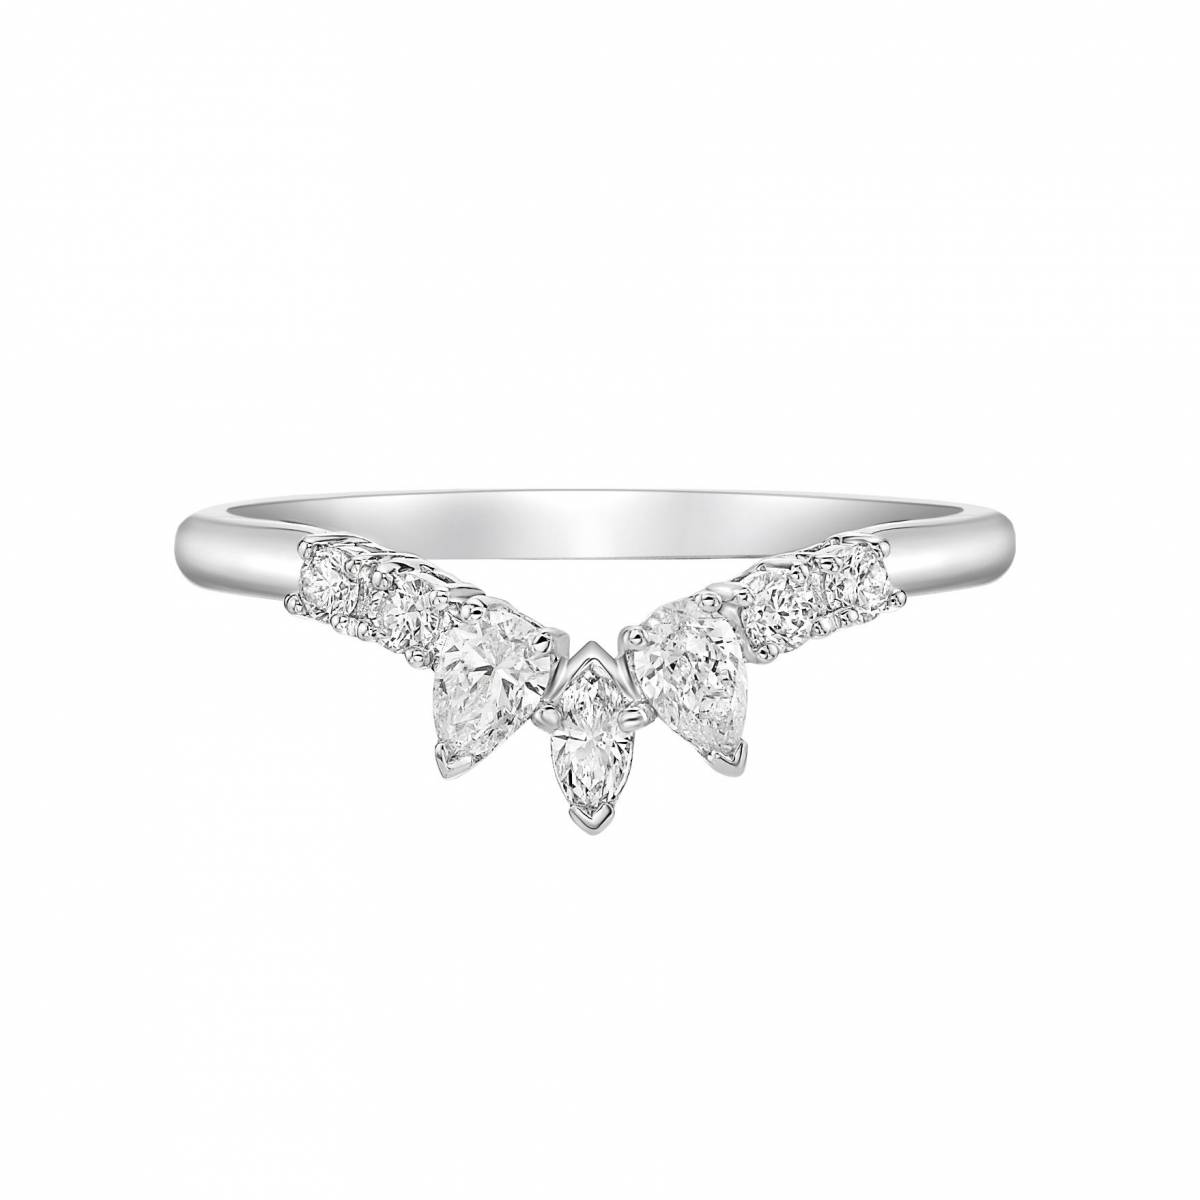 Jewels by Christiaan Van Bignoot - House of Weddings - 10